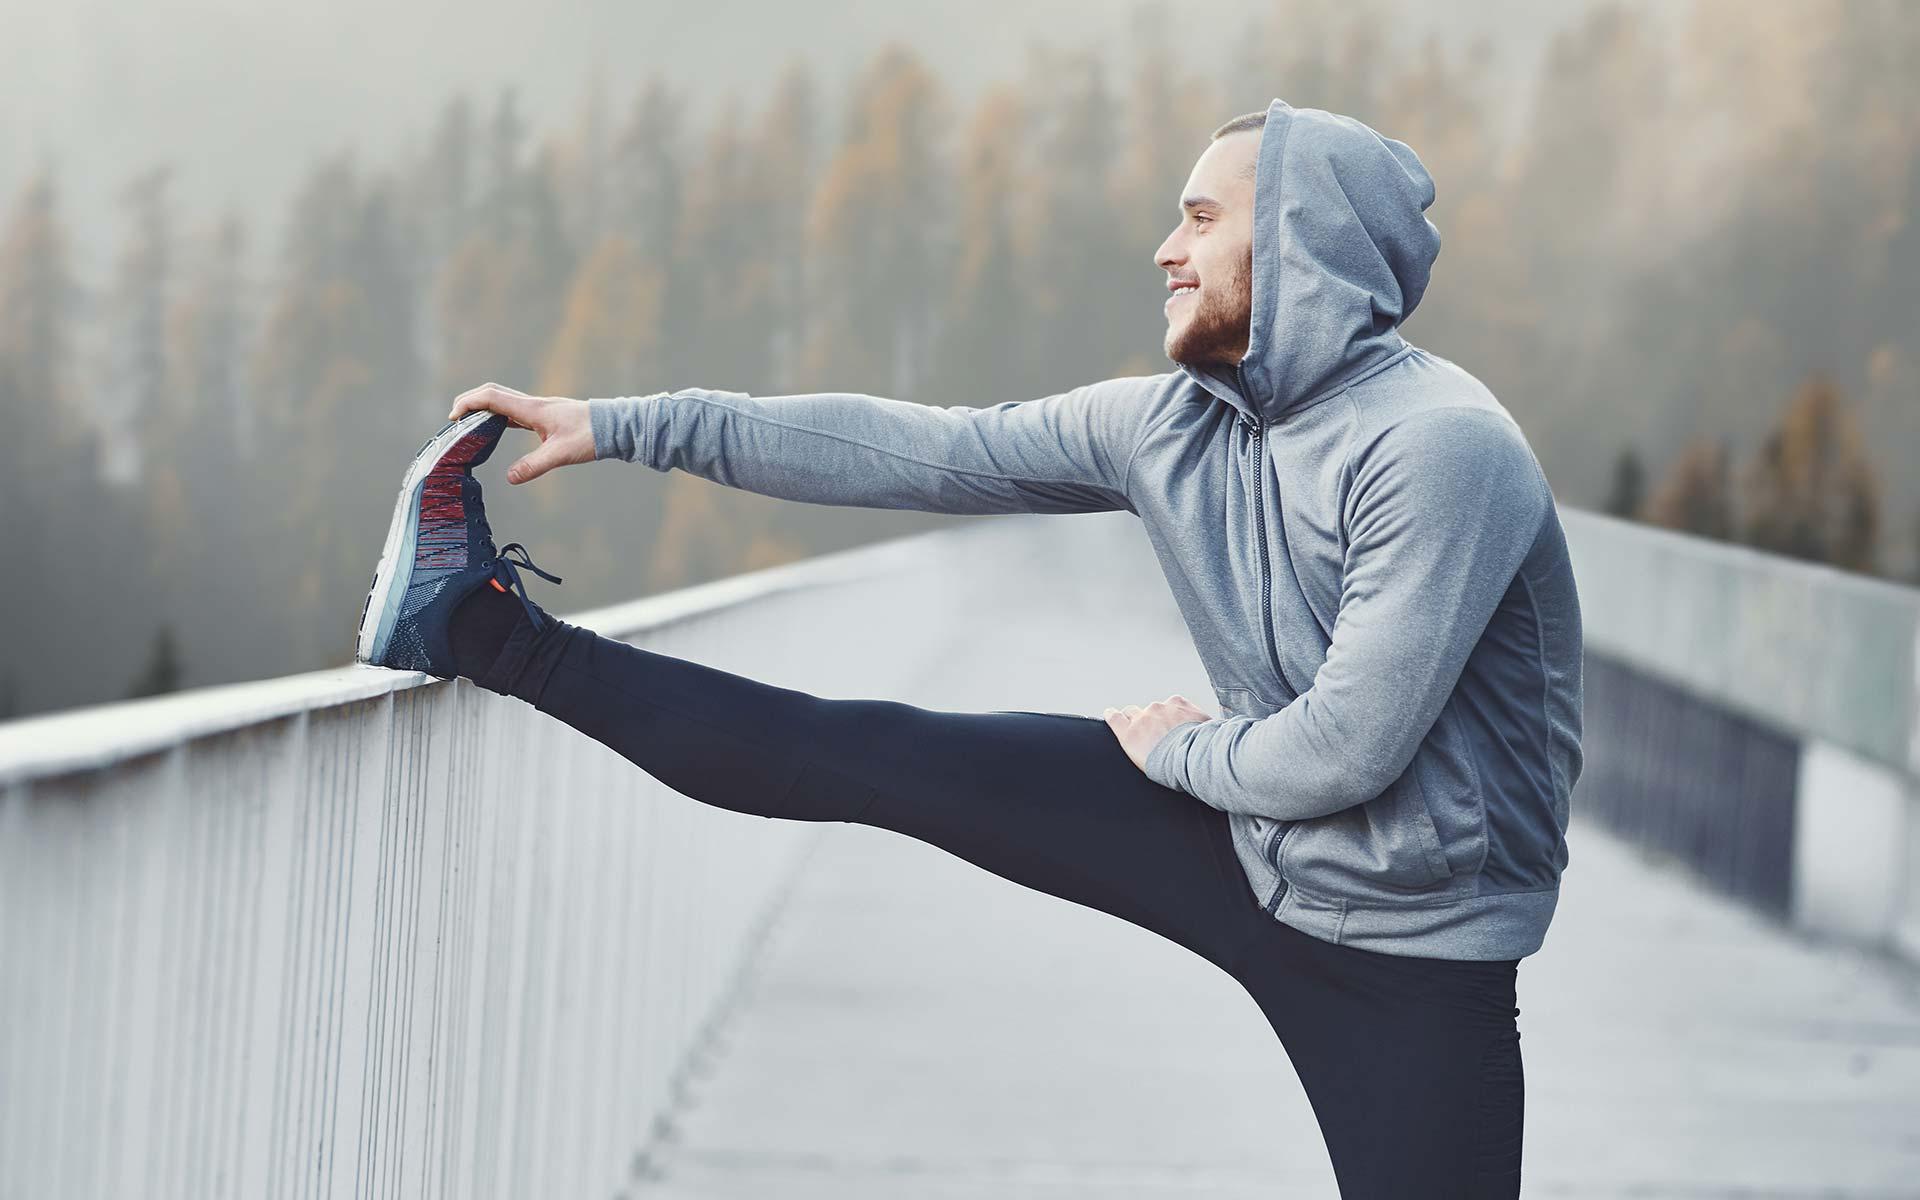 junger Mann mit grauer Sportjacke dehnt sich mithilfe eines Brückengeländers